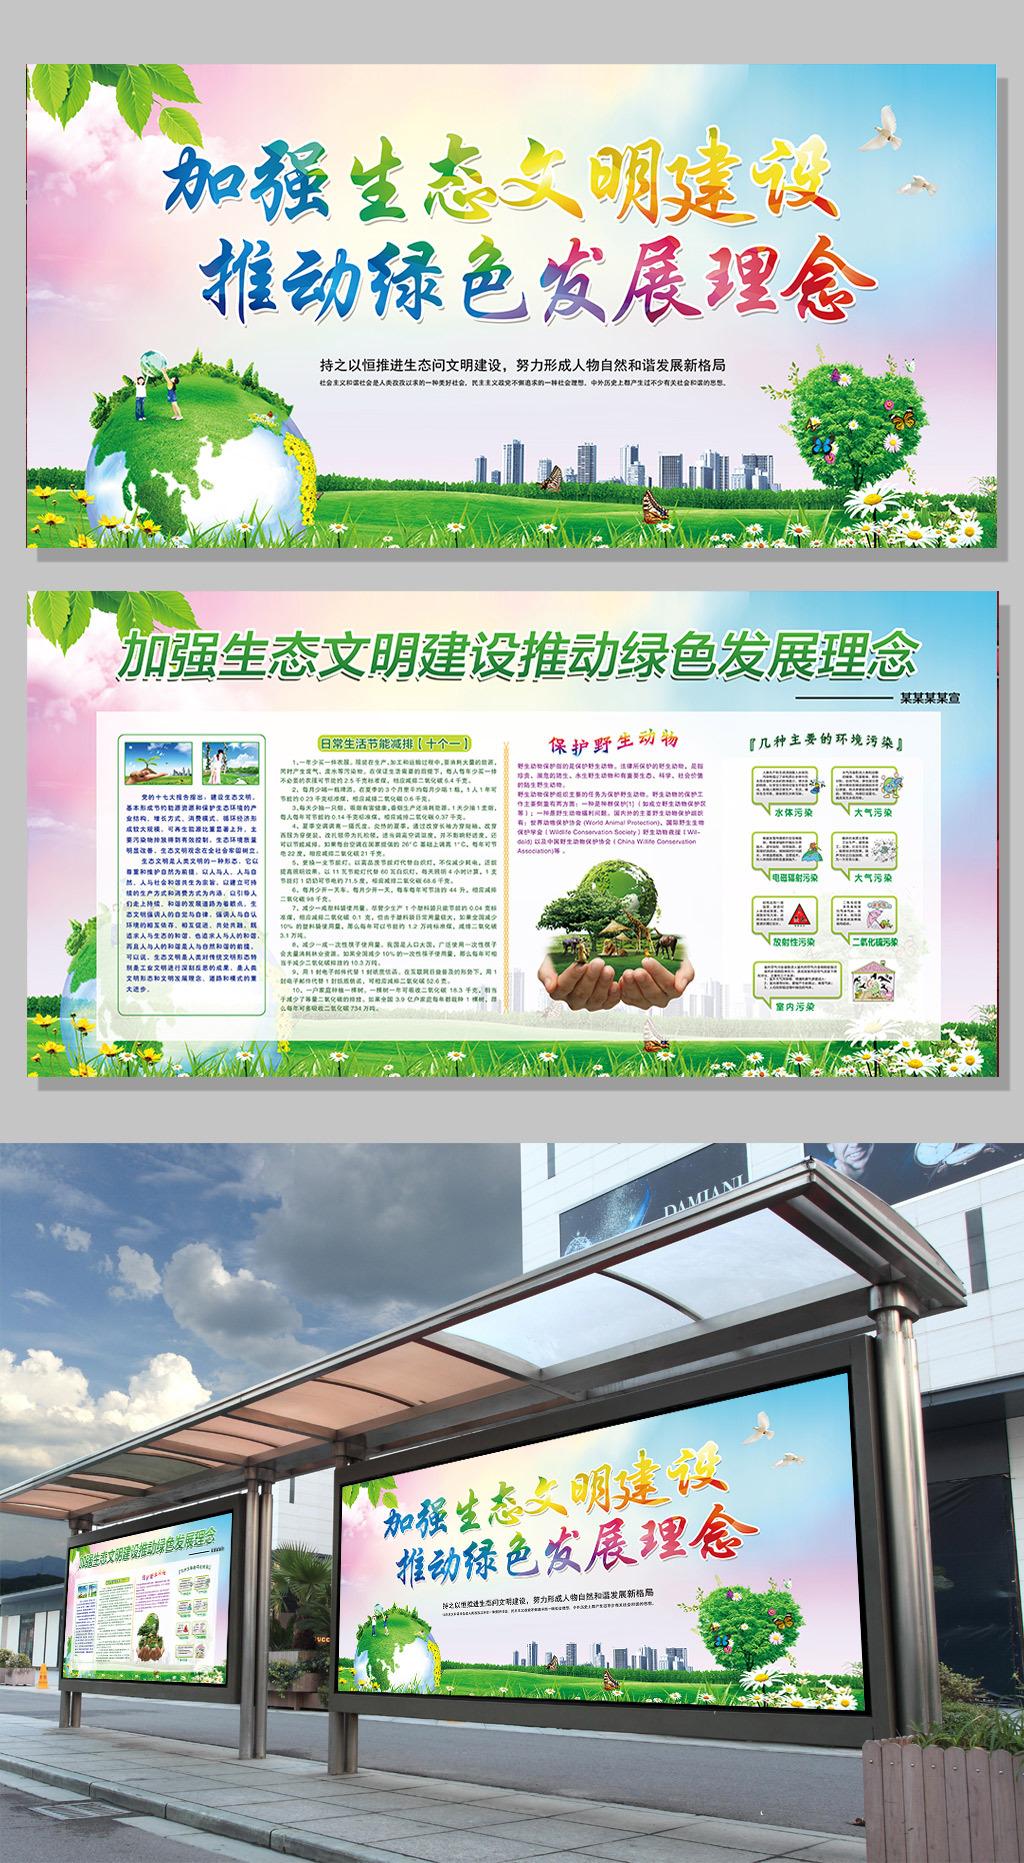 保护生态文明共建文明城市宣传展板